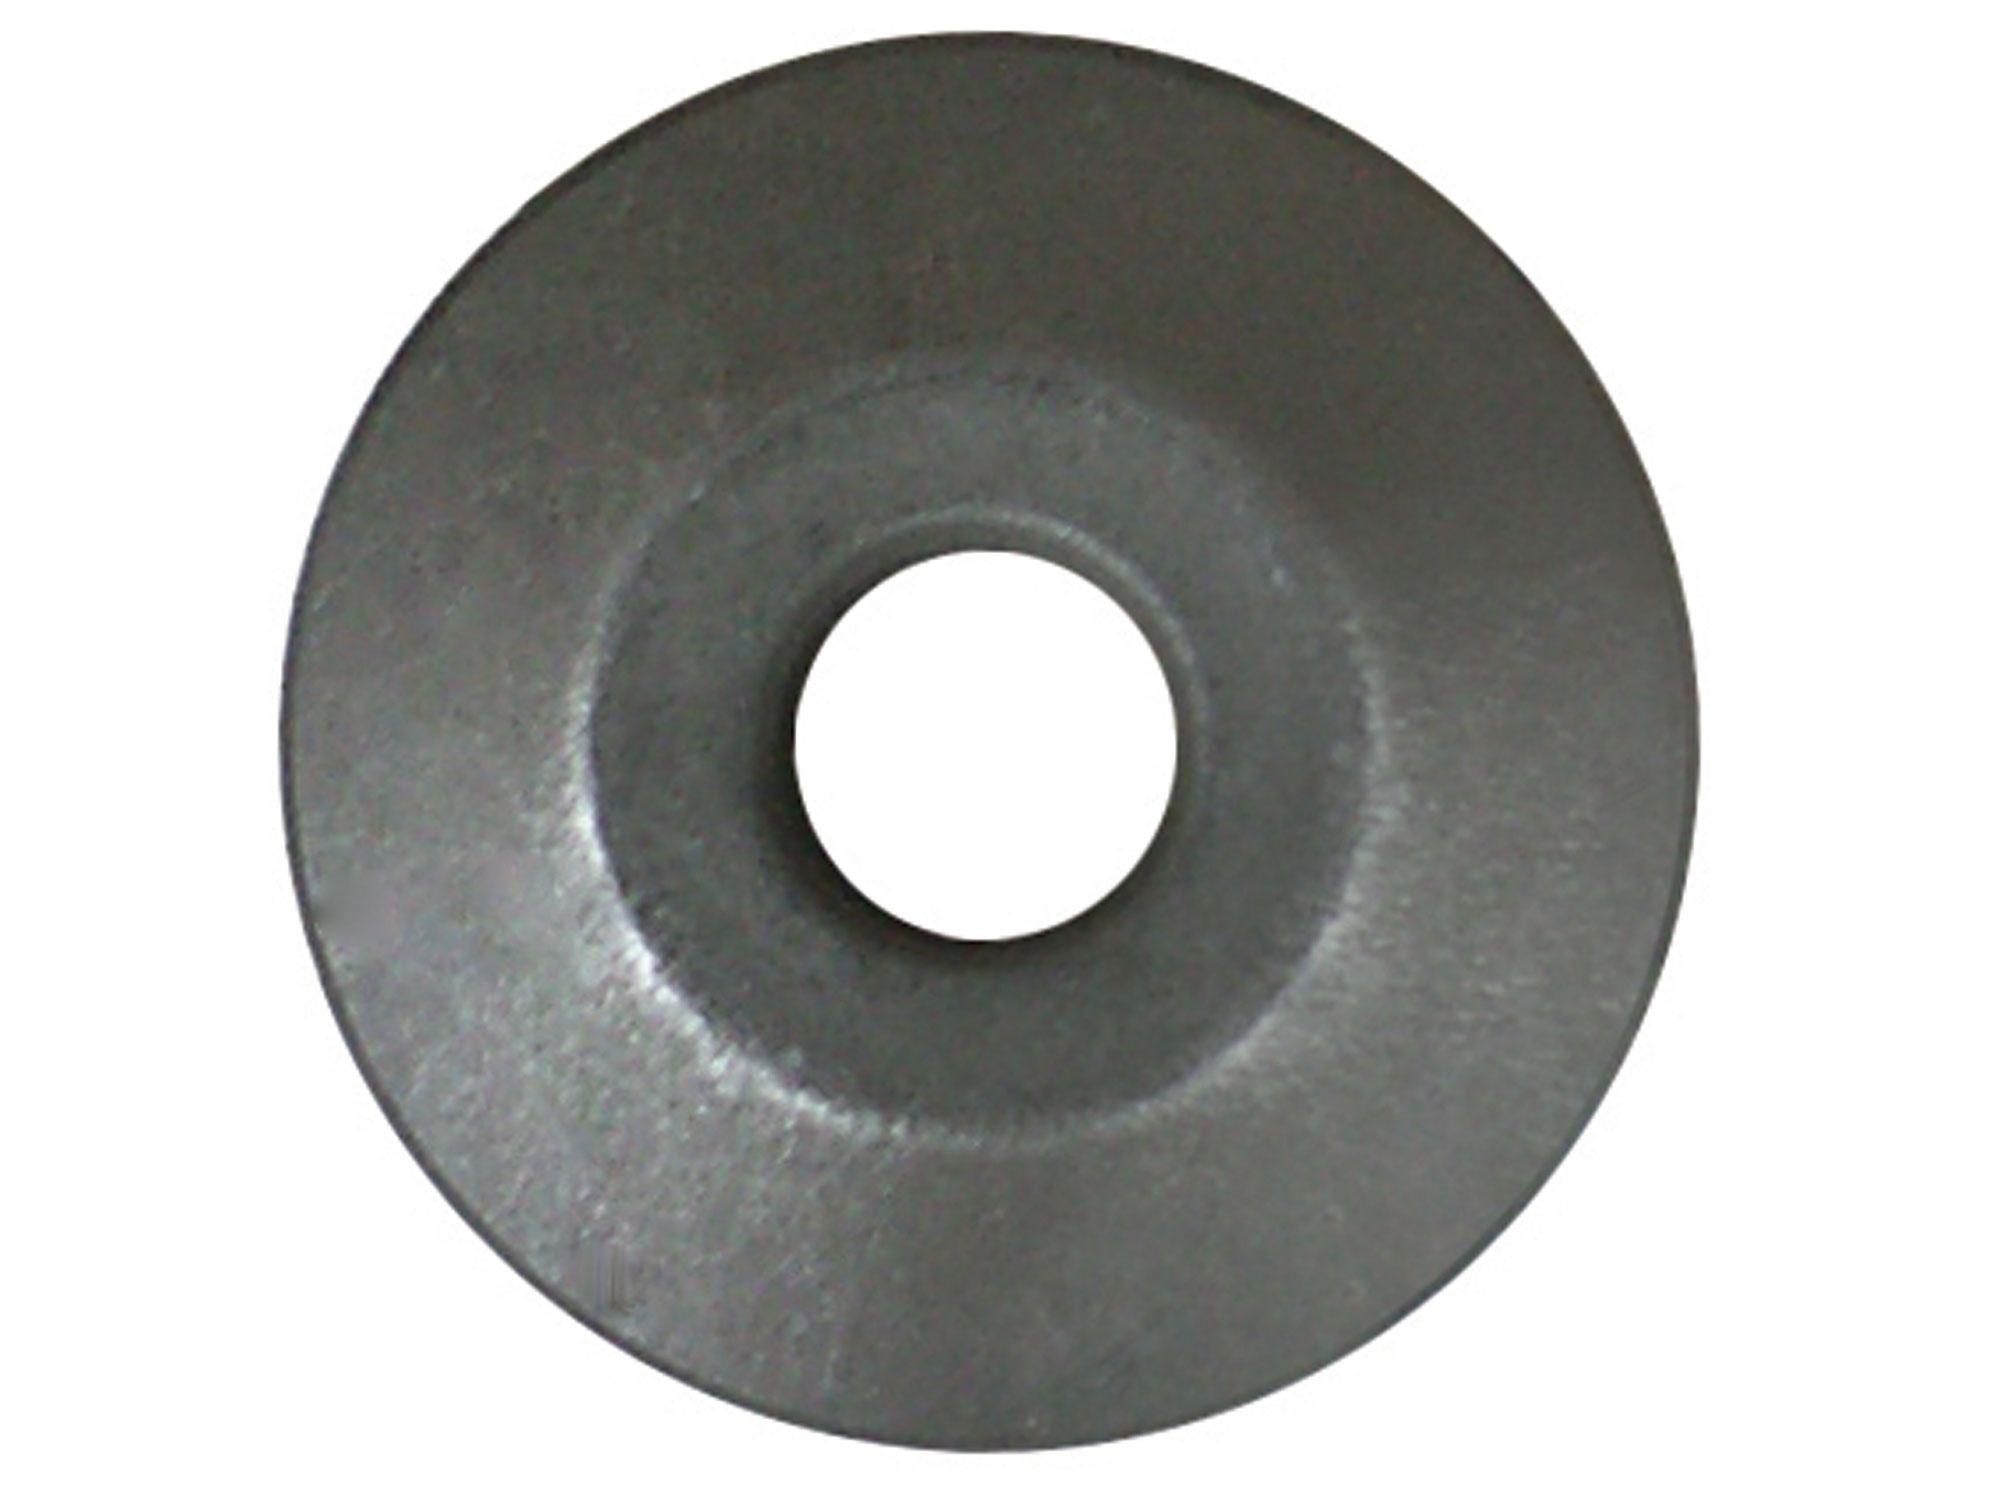 kolečko řezací, 22x6x5mm, FORTUM 4770890